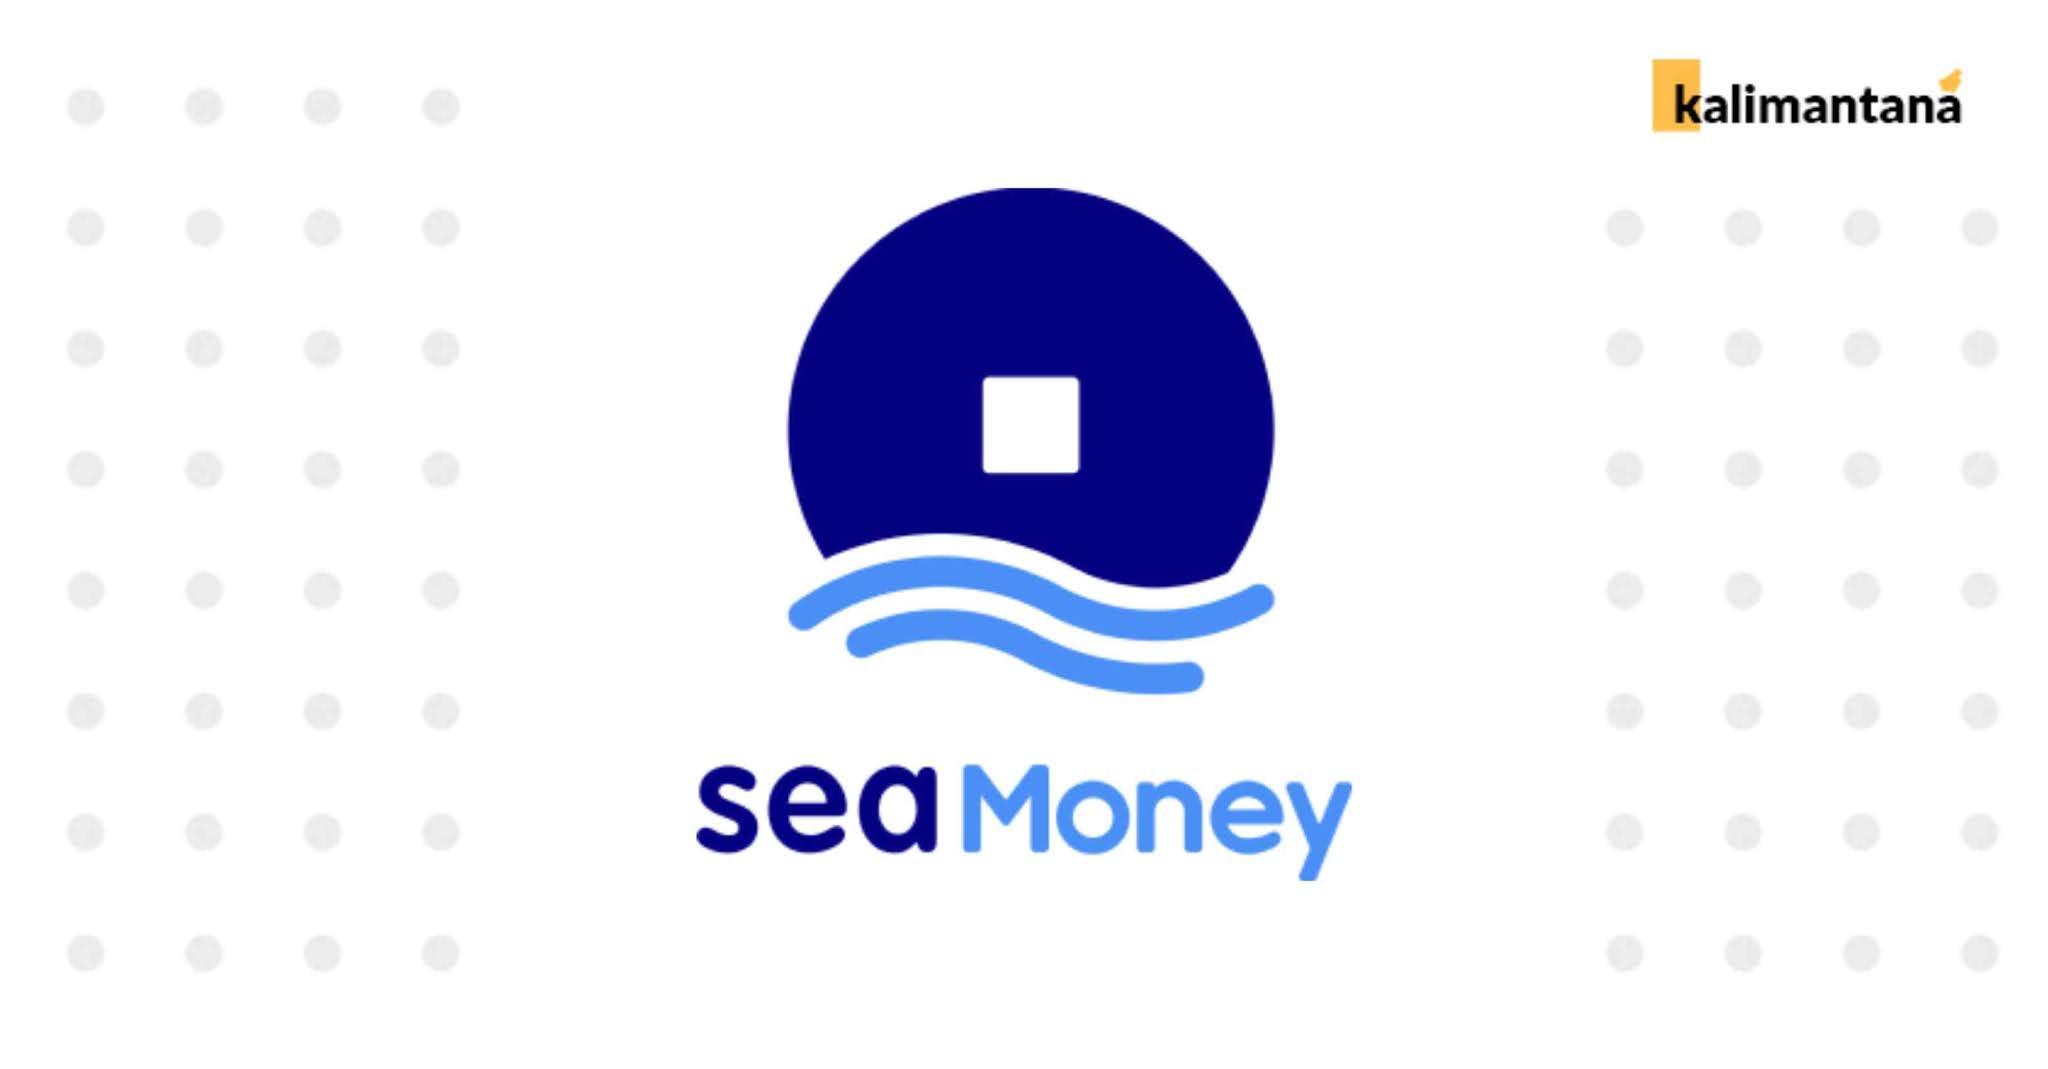 Lowongan Kerja Terbaru Manager Sea Money - Banjarmasin 2020